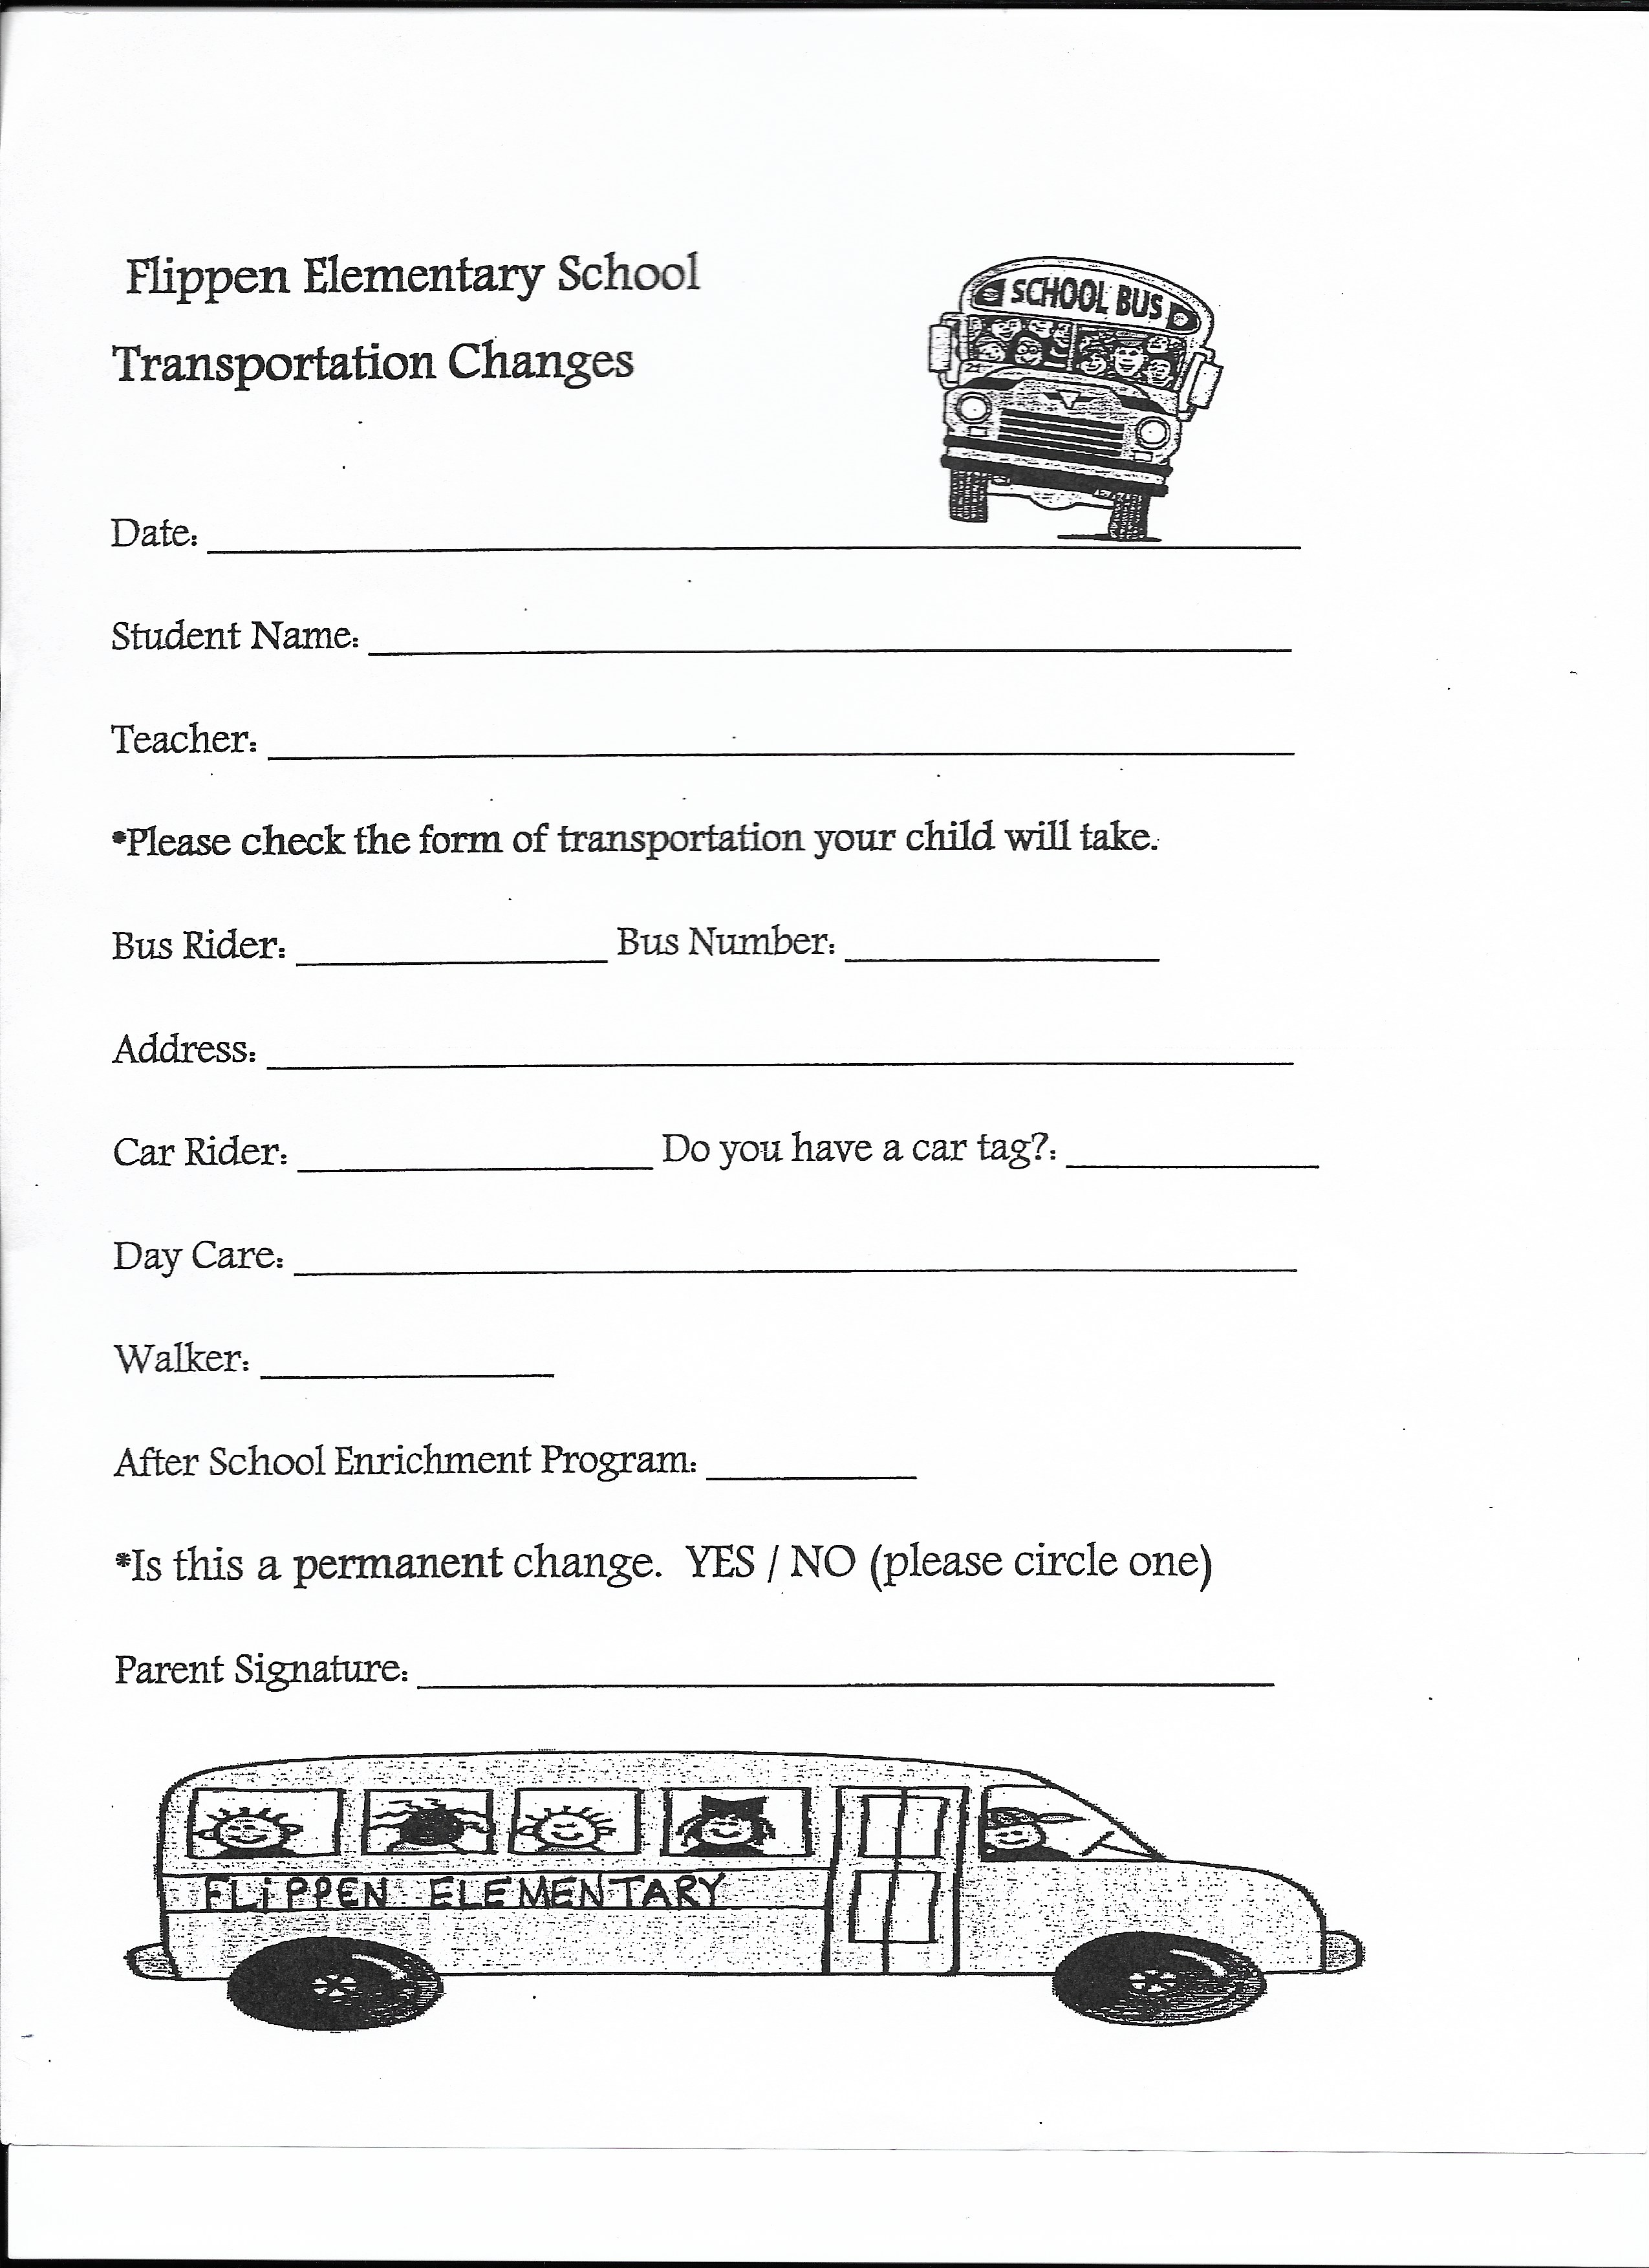 transportation transportation change form